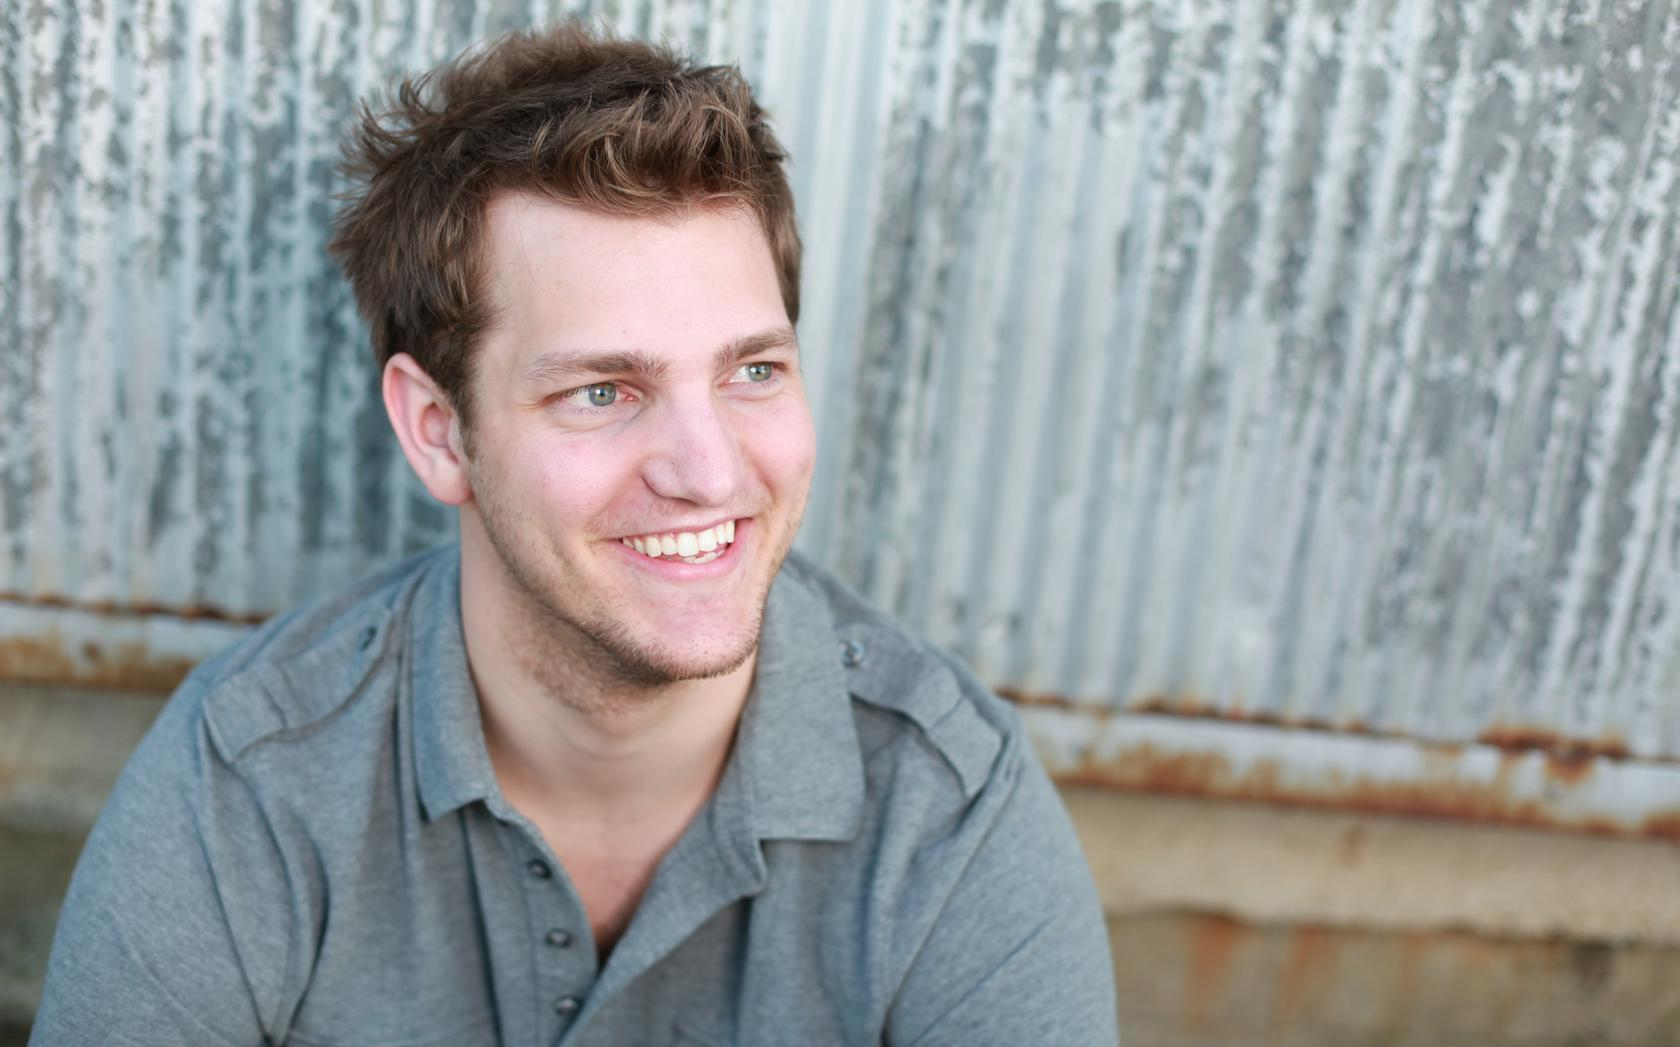 Tanner Dalton